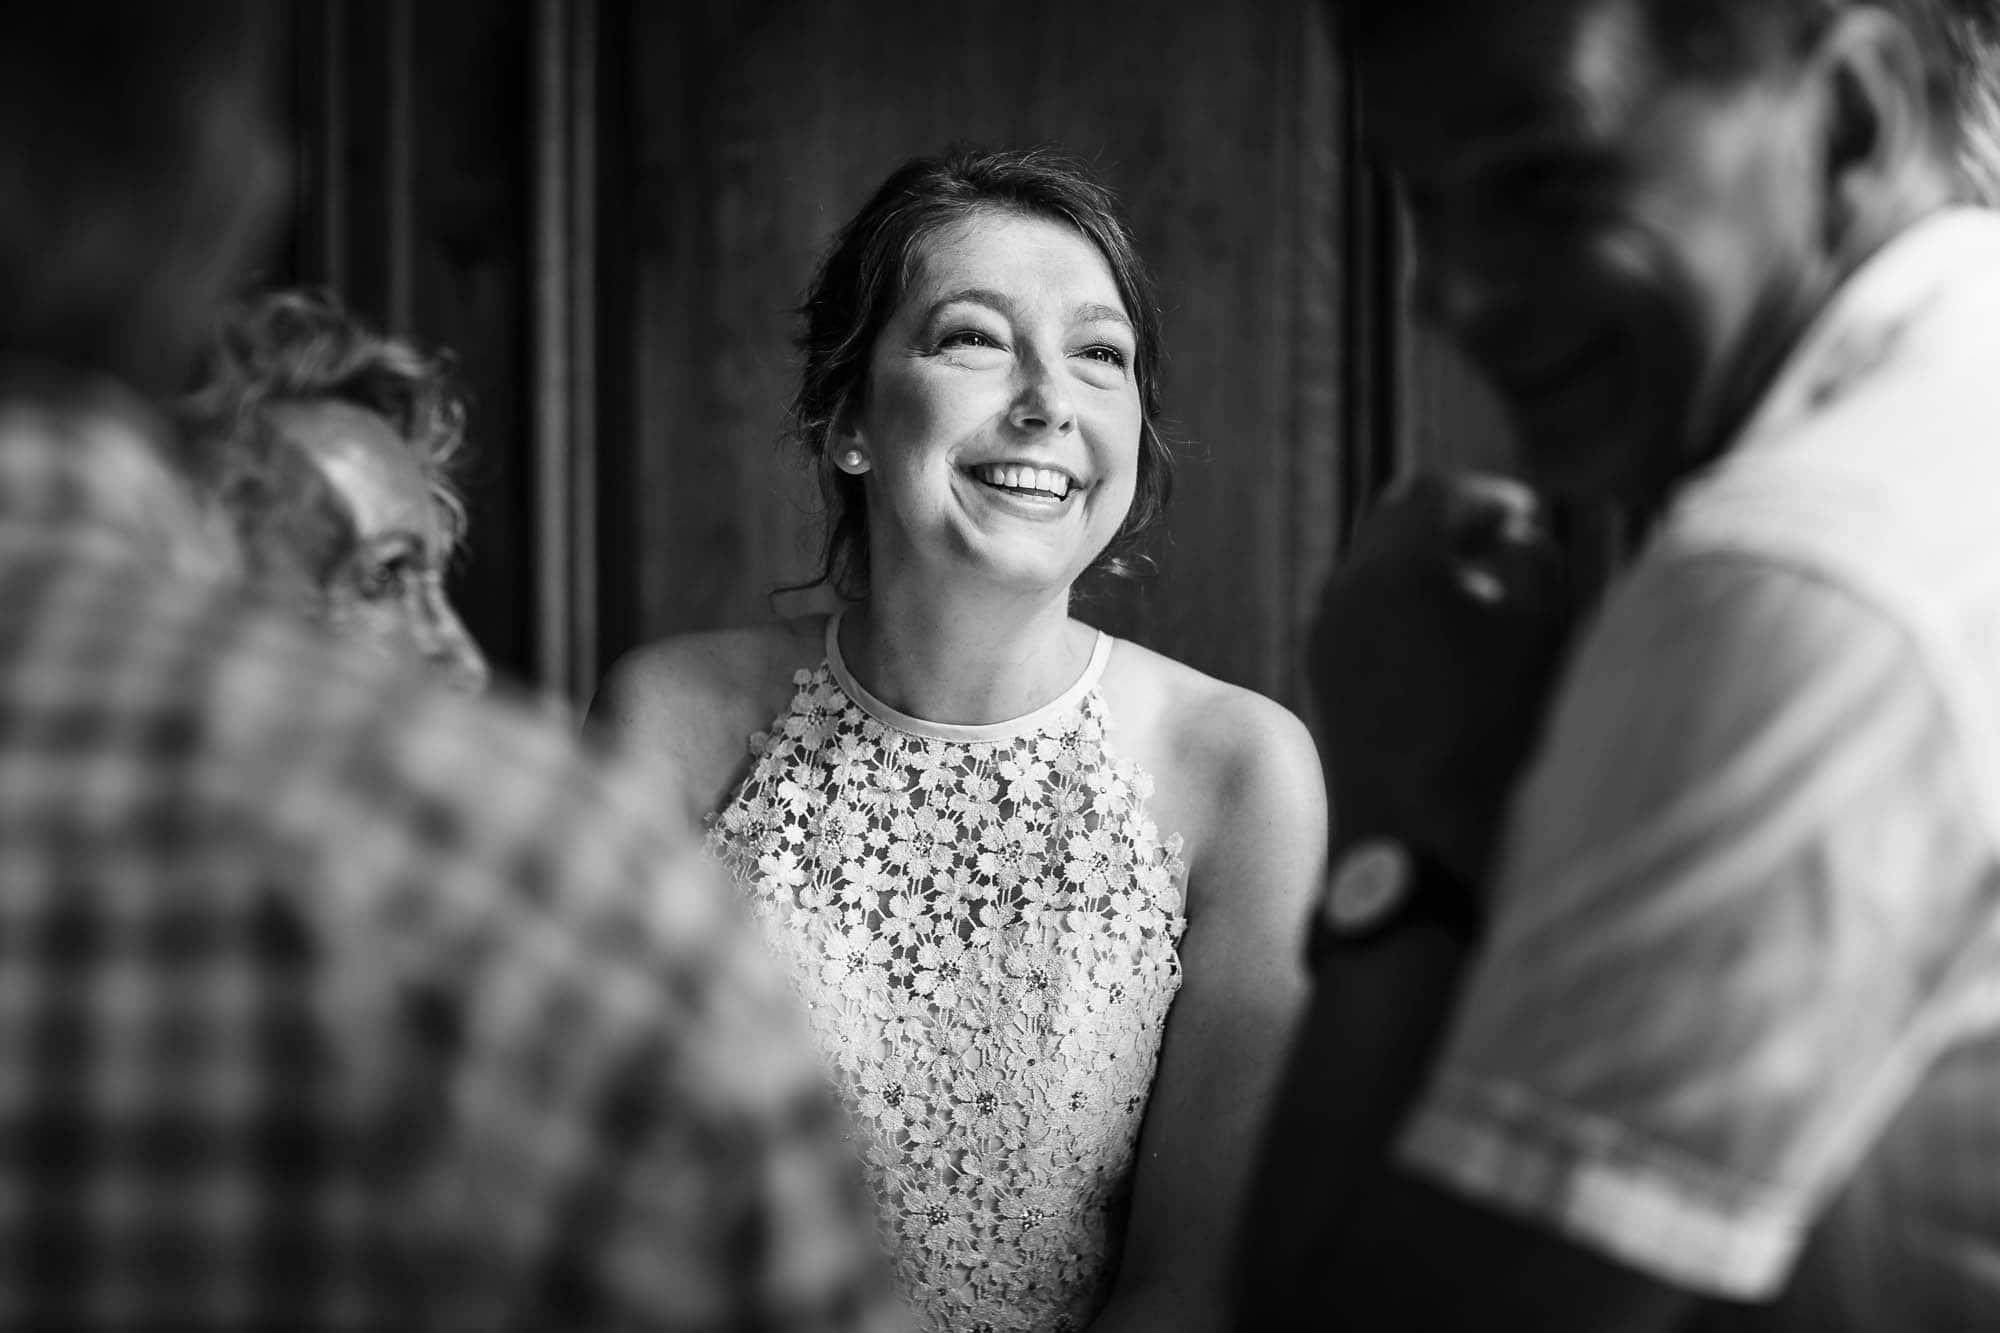 Weiblicher Gast in Spitzenkleid lacht